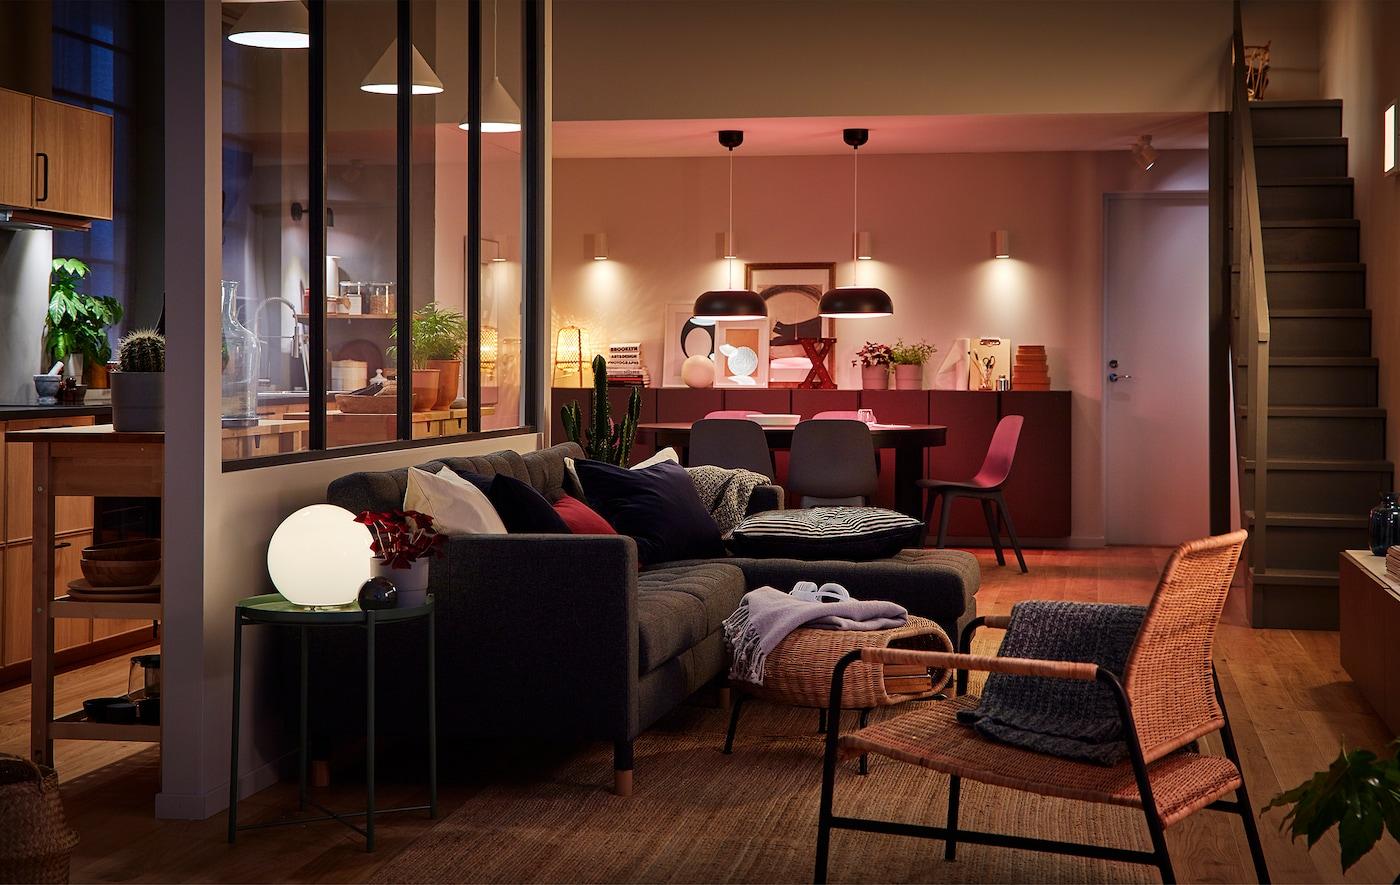 Velika prostorija s kuhinjom, trpezarijom i dnevnom sobom, tek malo razdvojenim. Soba osvetljena pomoću nekoliko svetlosnih izvora.